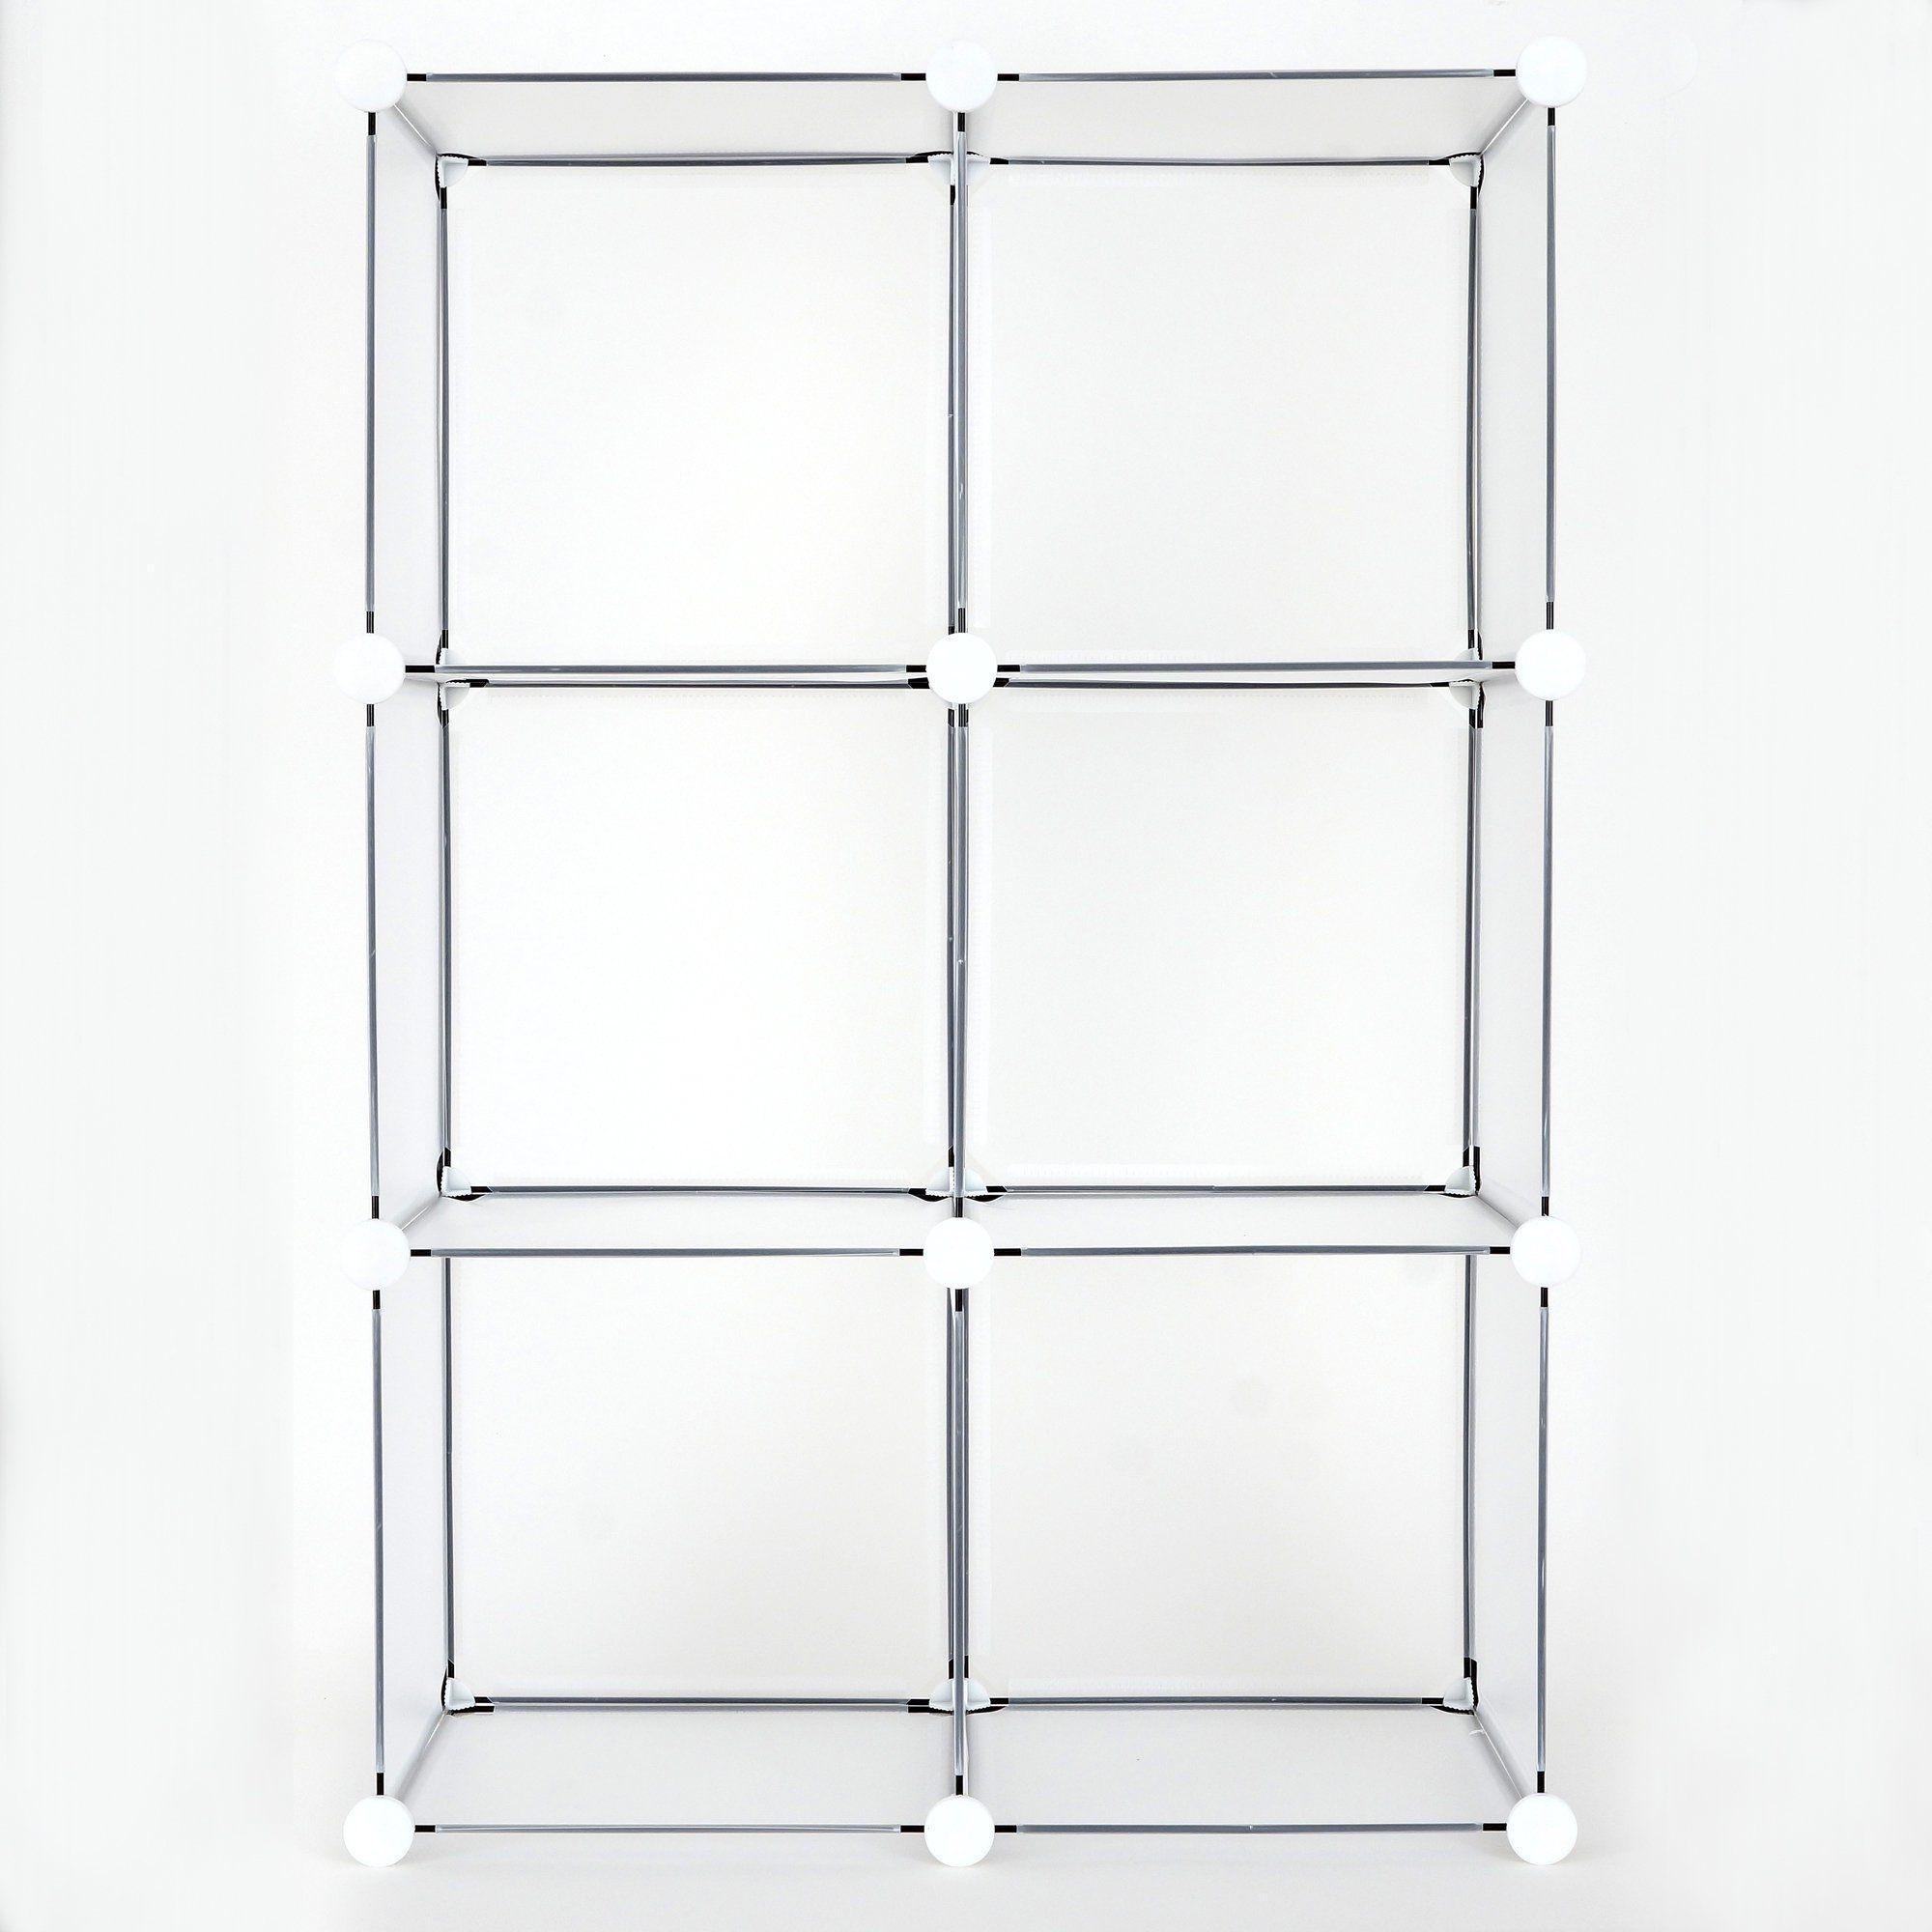 Achim Diy Modular Storage Unit 12x12x12 Clear Frost Walmart Com In 2020 Cube Organizer Modular Storage Cube Storage Bins